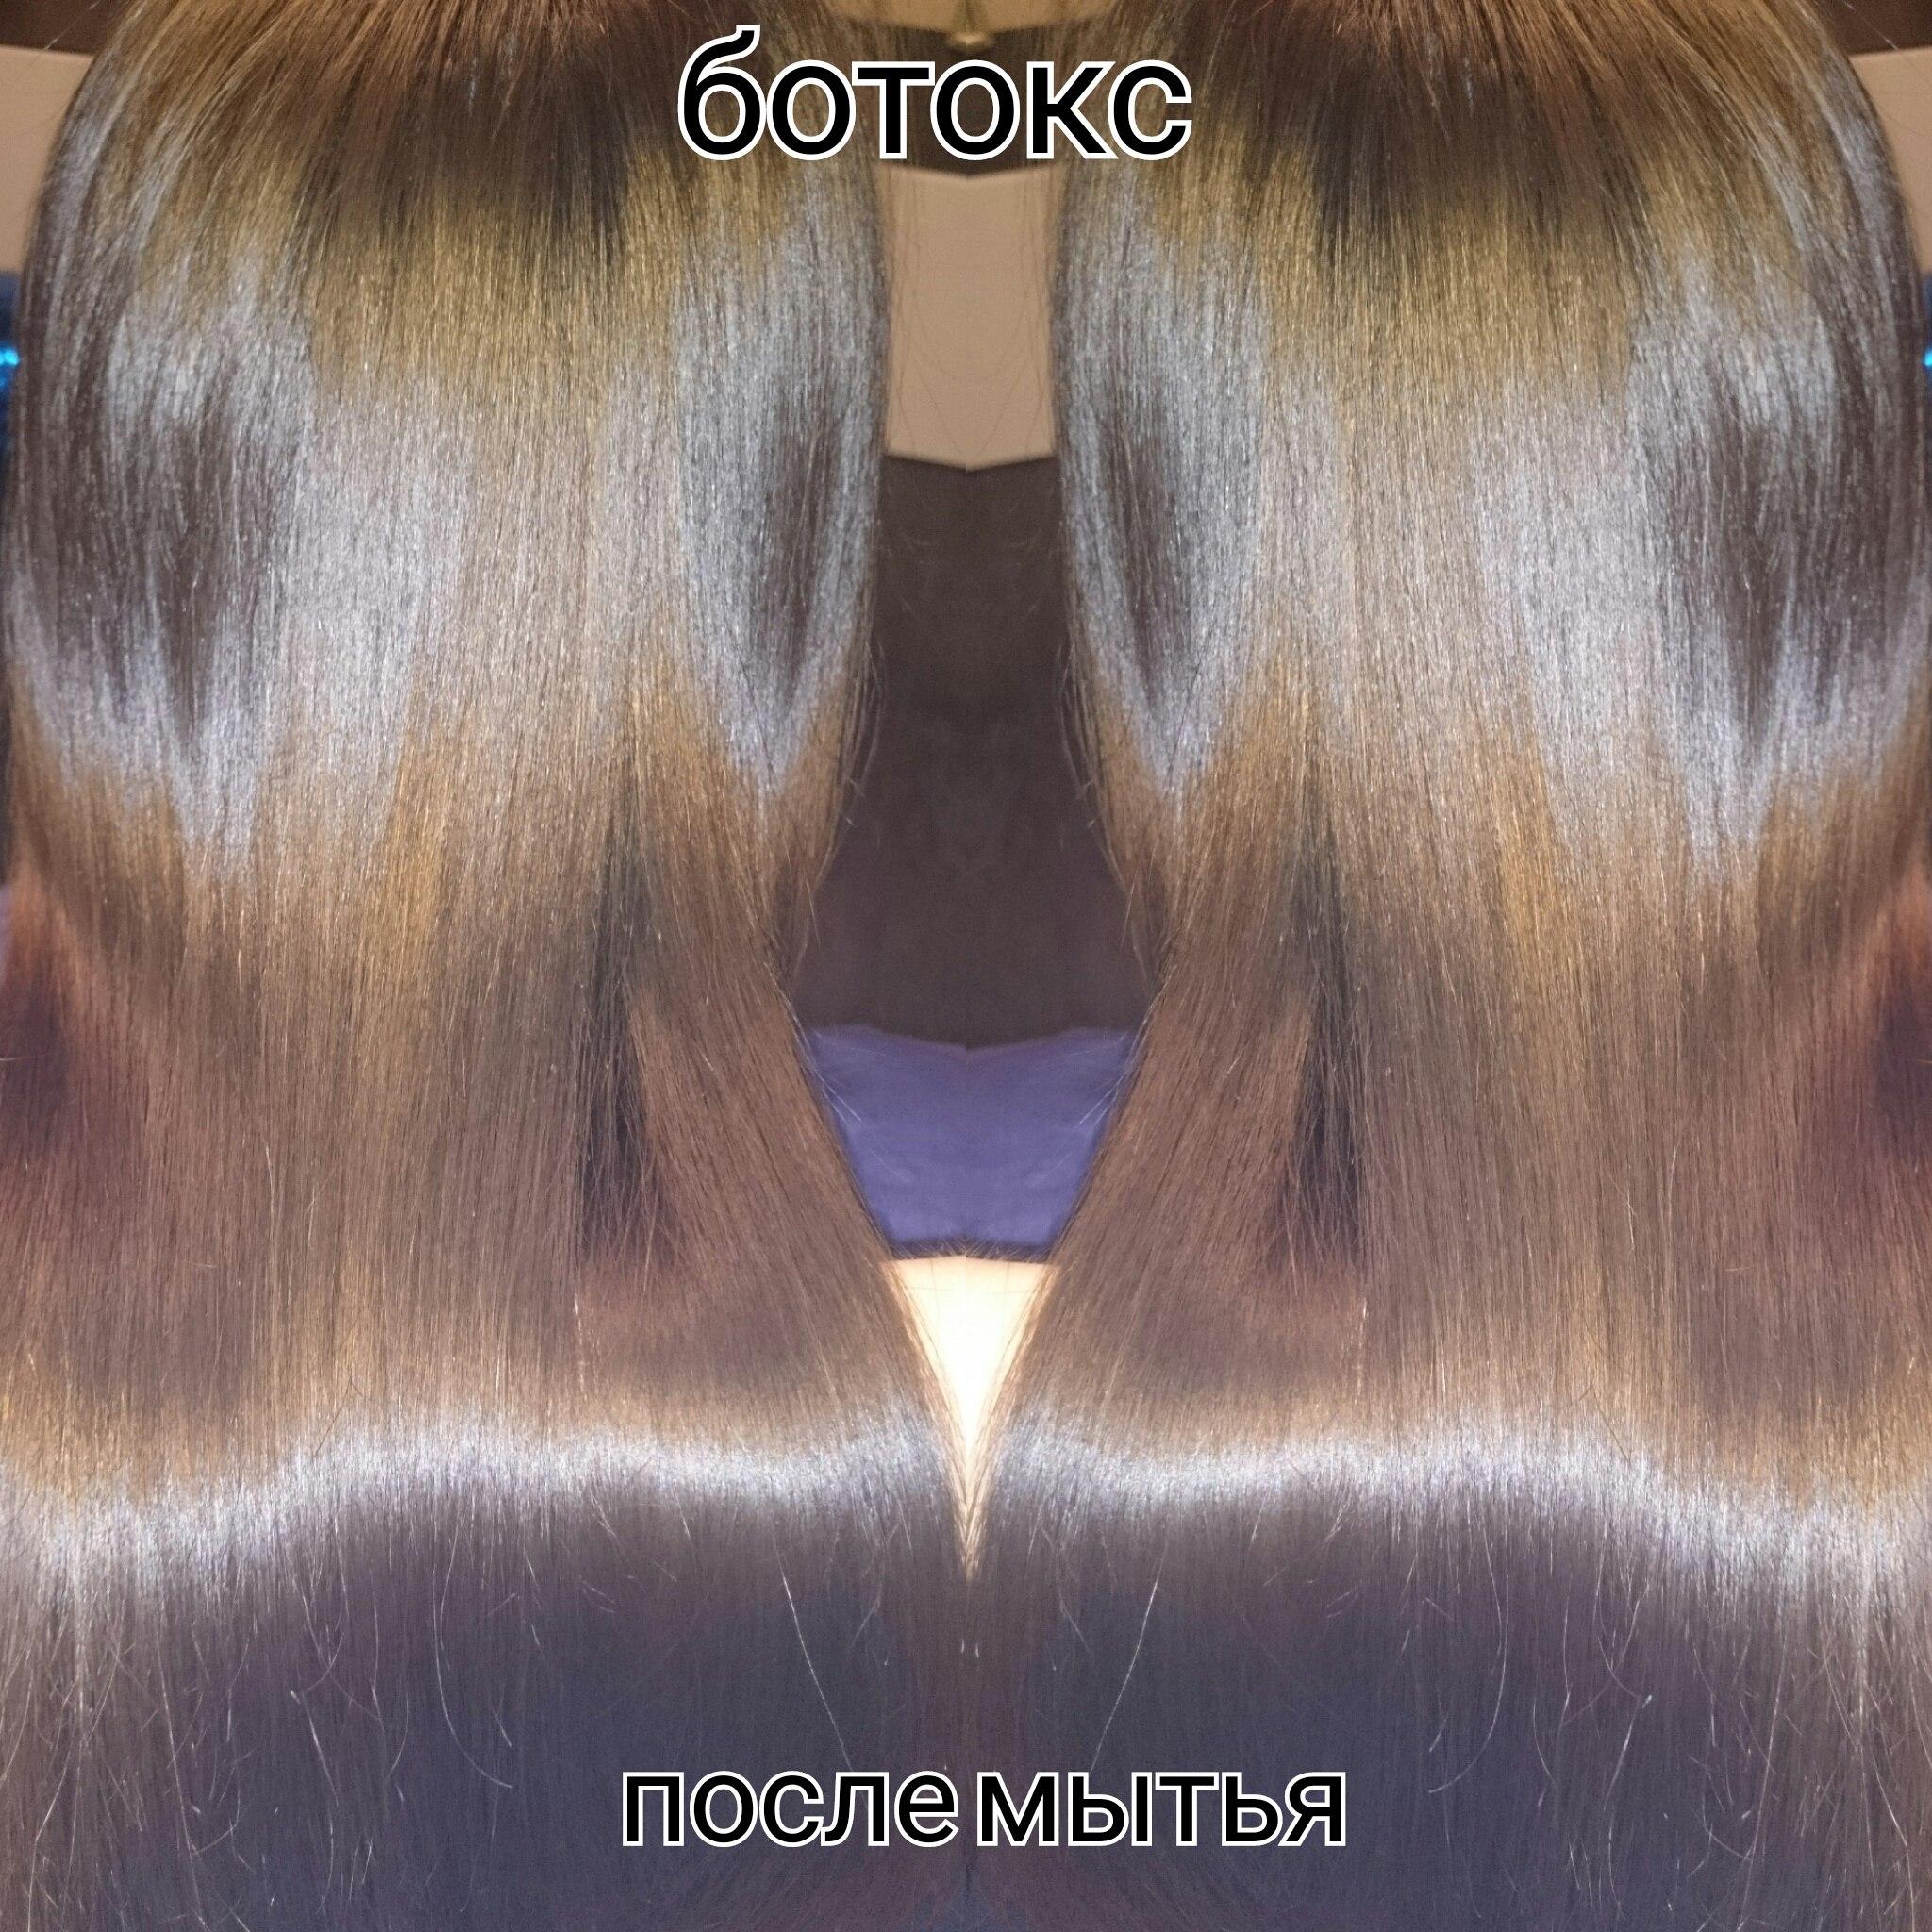 Кератиновое выпрямление, ботокс,полировка  волос. Прикорневой объем. Окрашивания.  - Страница 20 L2uAjLoH5Mg